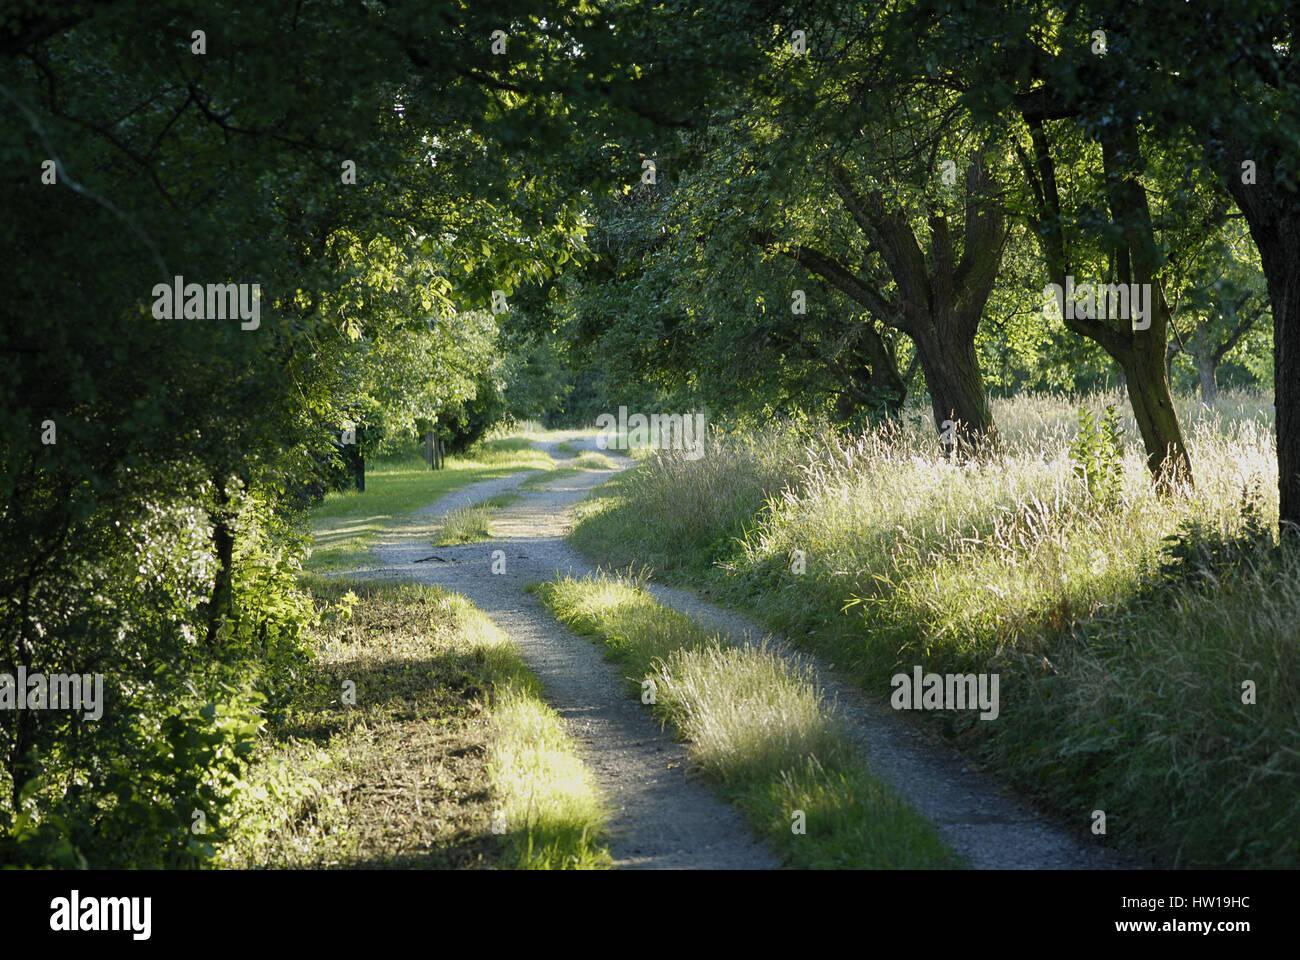 Country lane, Feldweg - Stock Image